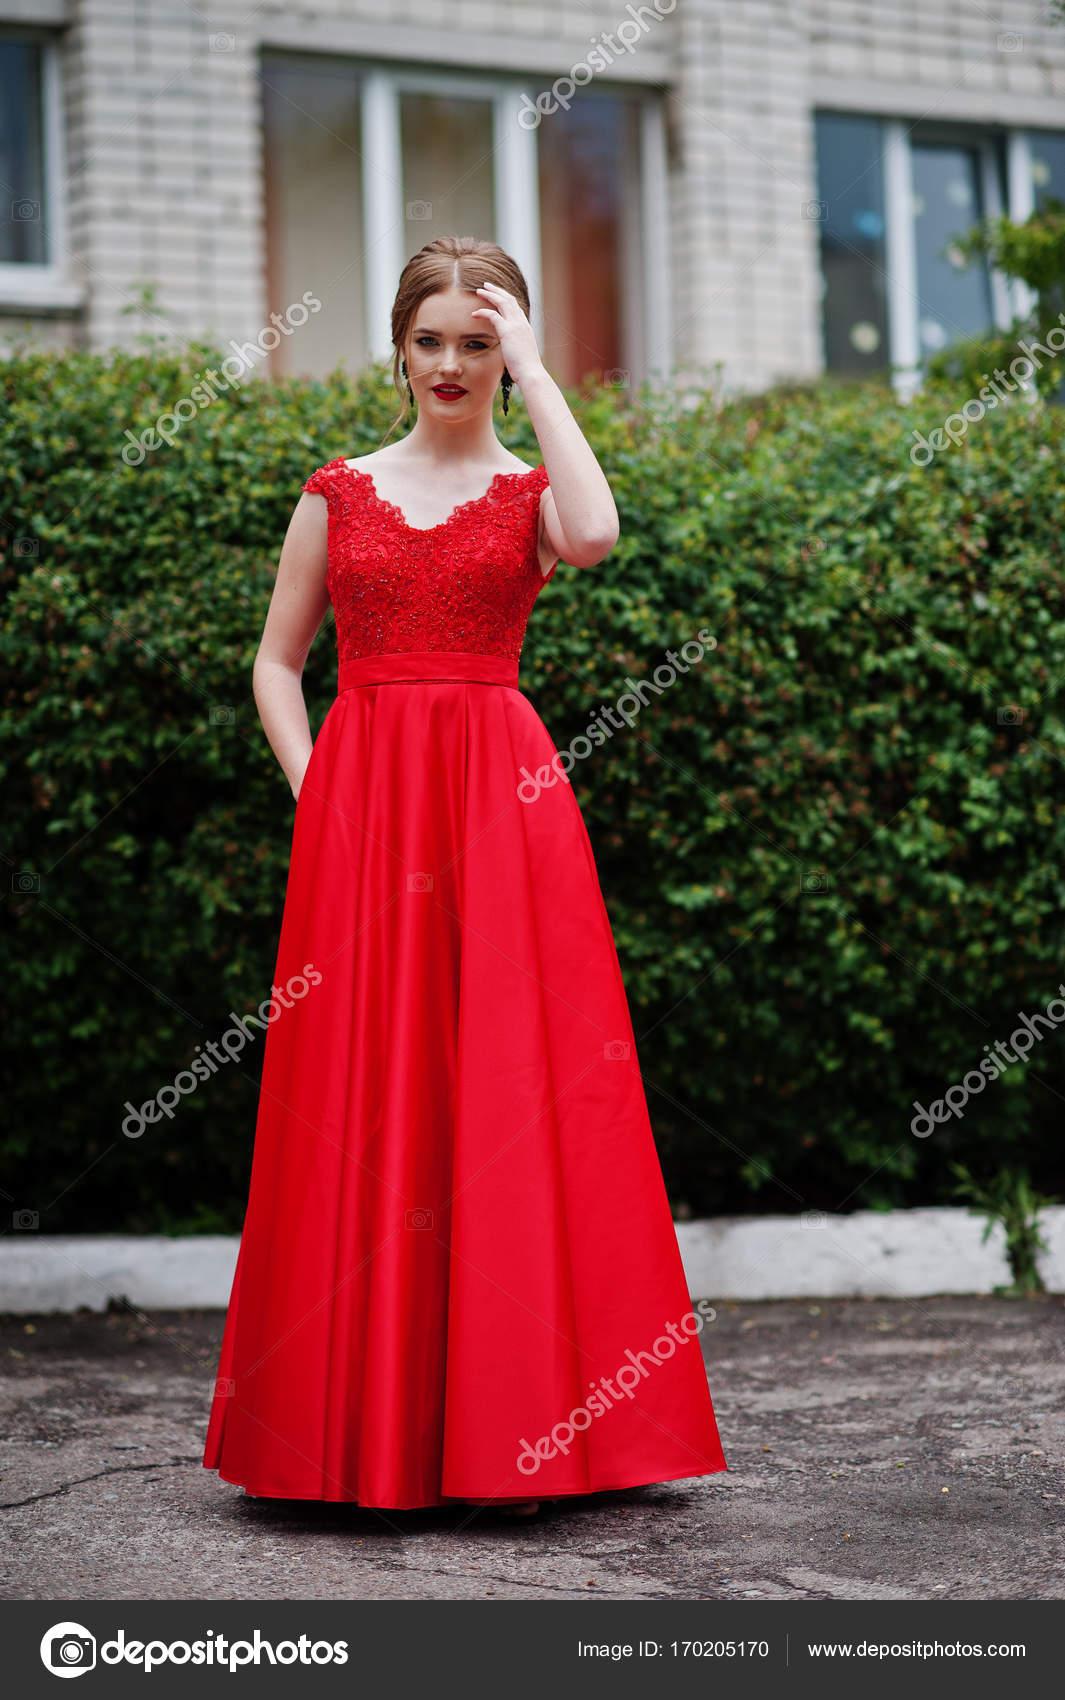 02489187e7d Портрет девушки Красивая и нежная в элегантное платье позирует o– Стоковое  изображение